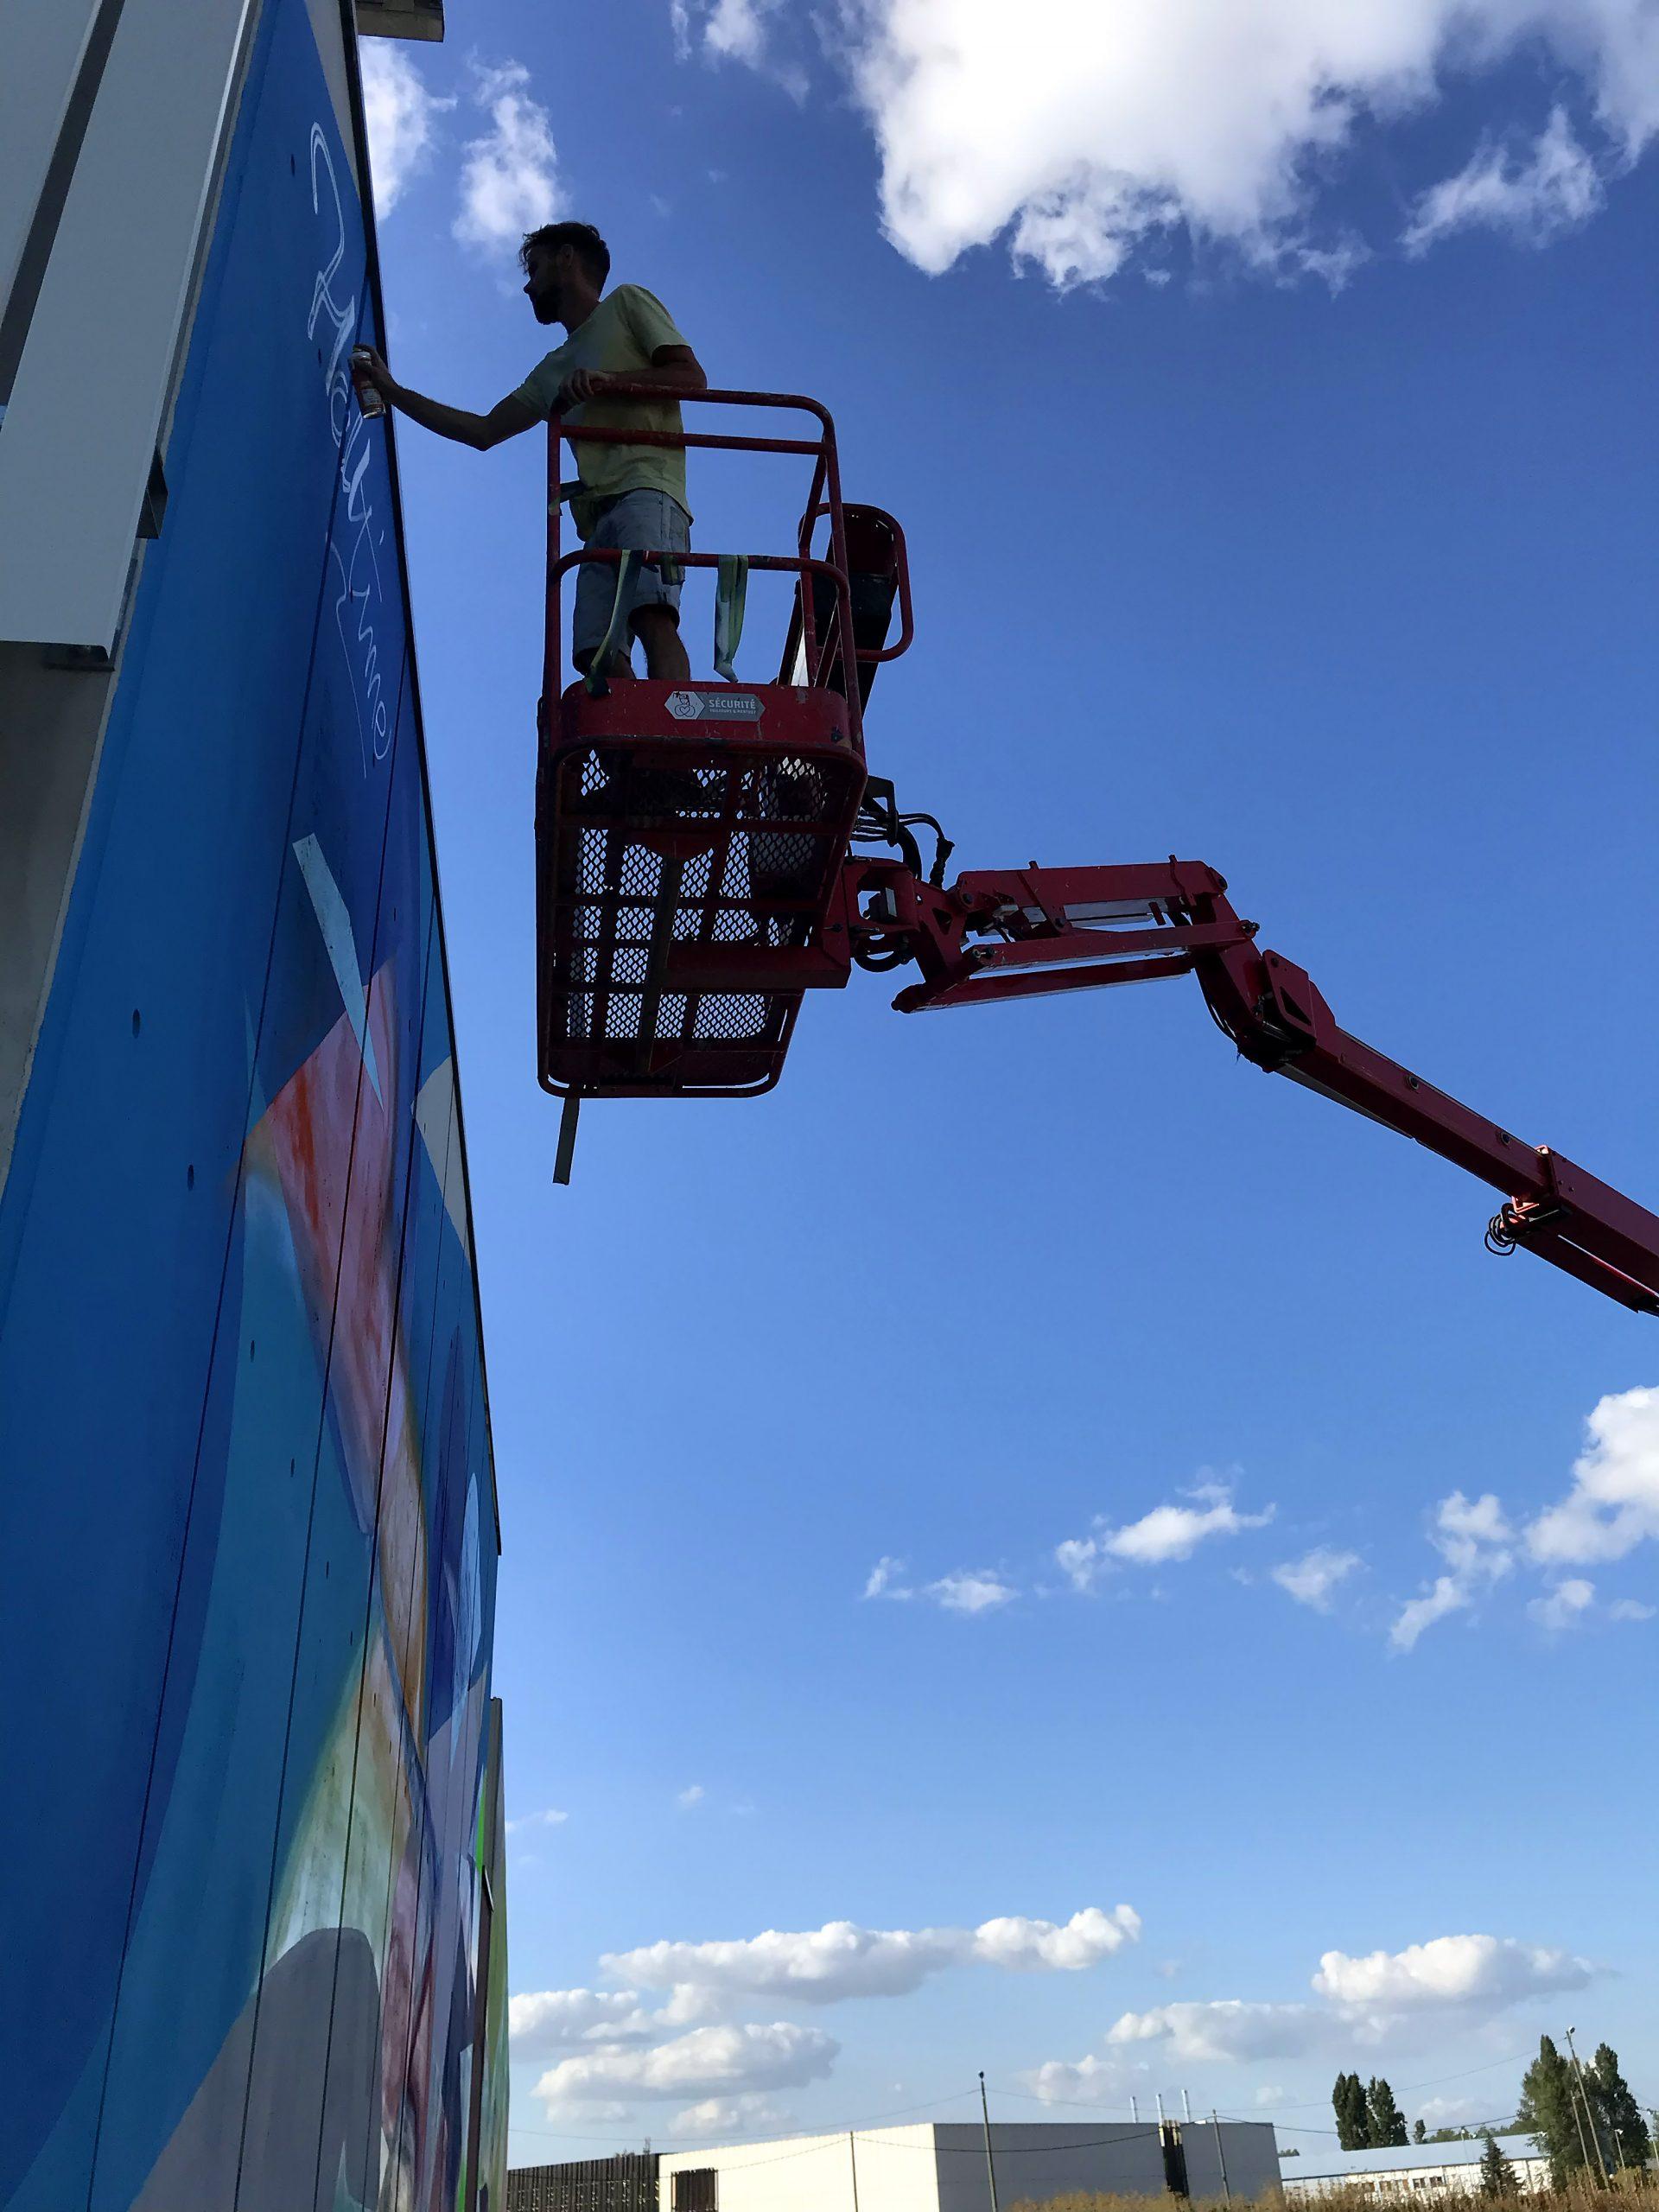 B3-Graffeur-toulouse-halltimes-decorateur-artiste-julien-avignon